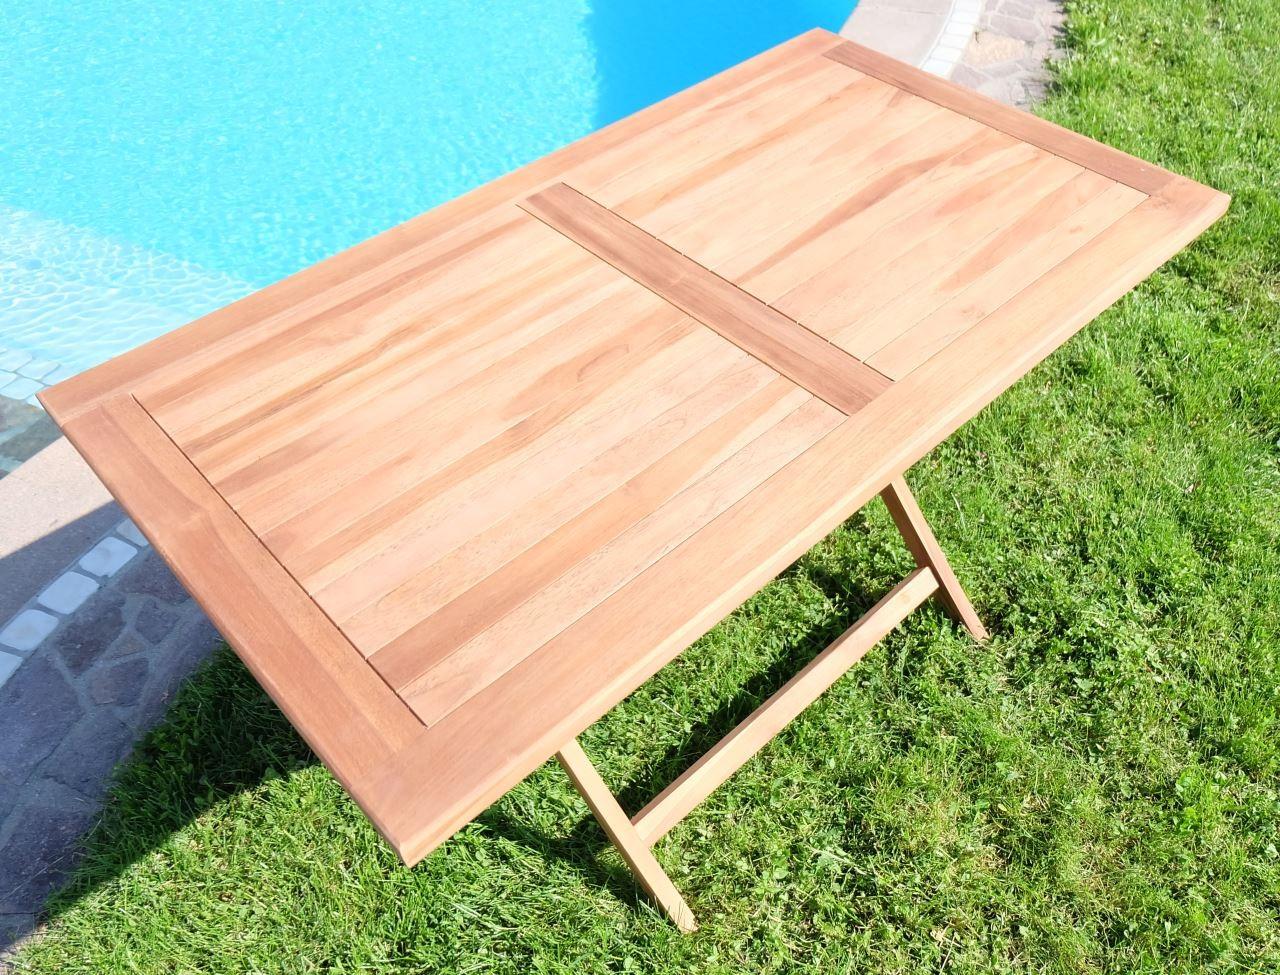 Hollywoodschaukel Holz Billig ~   Holztisch Gartentisch Garten Tisch 120x70cm  AVES  Holz geölt 008